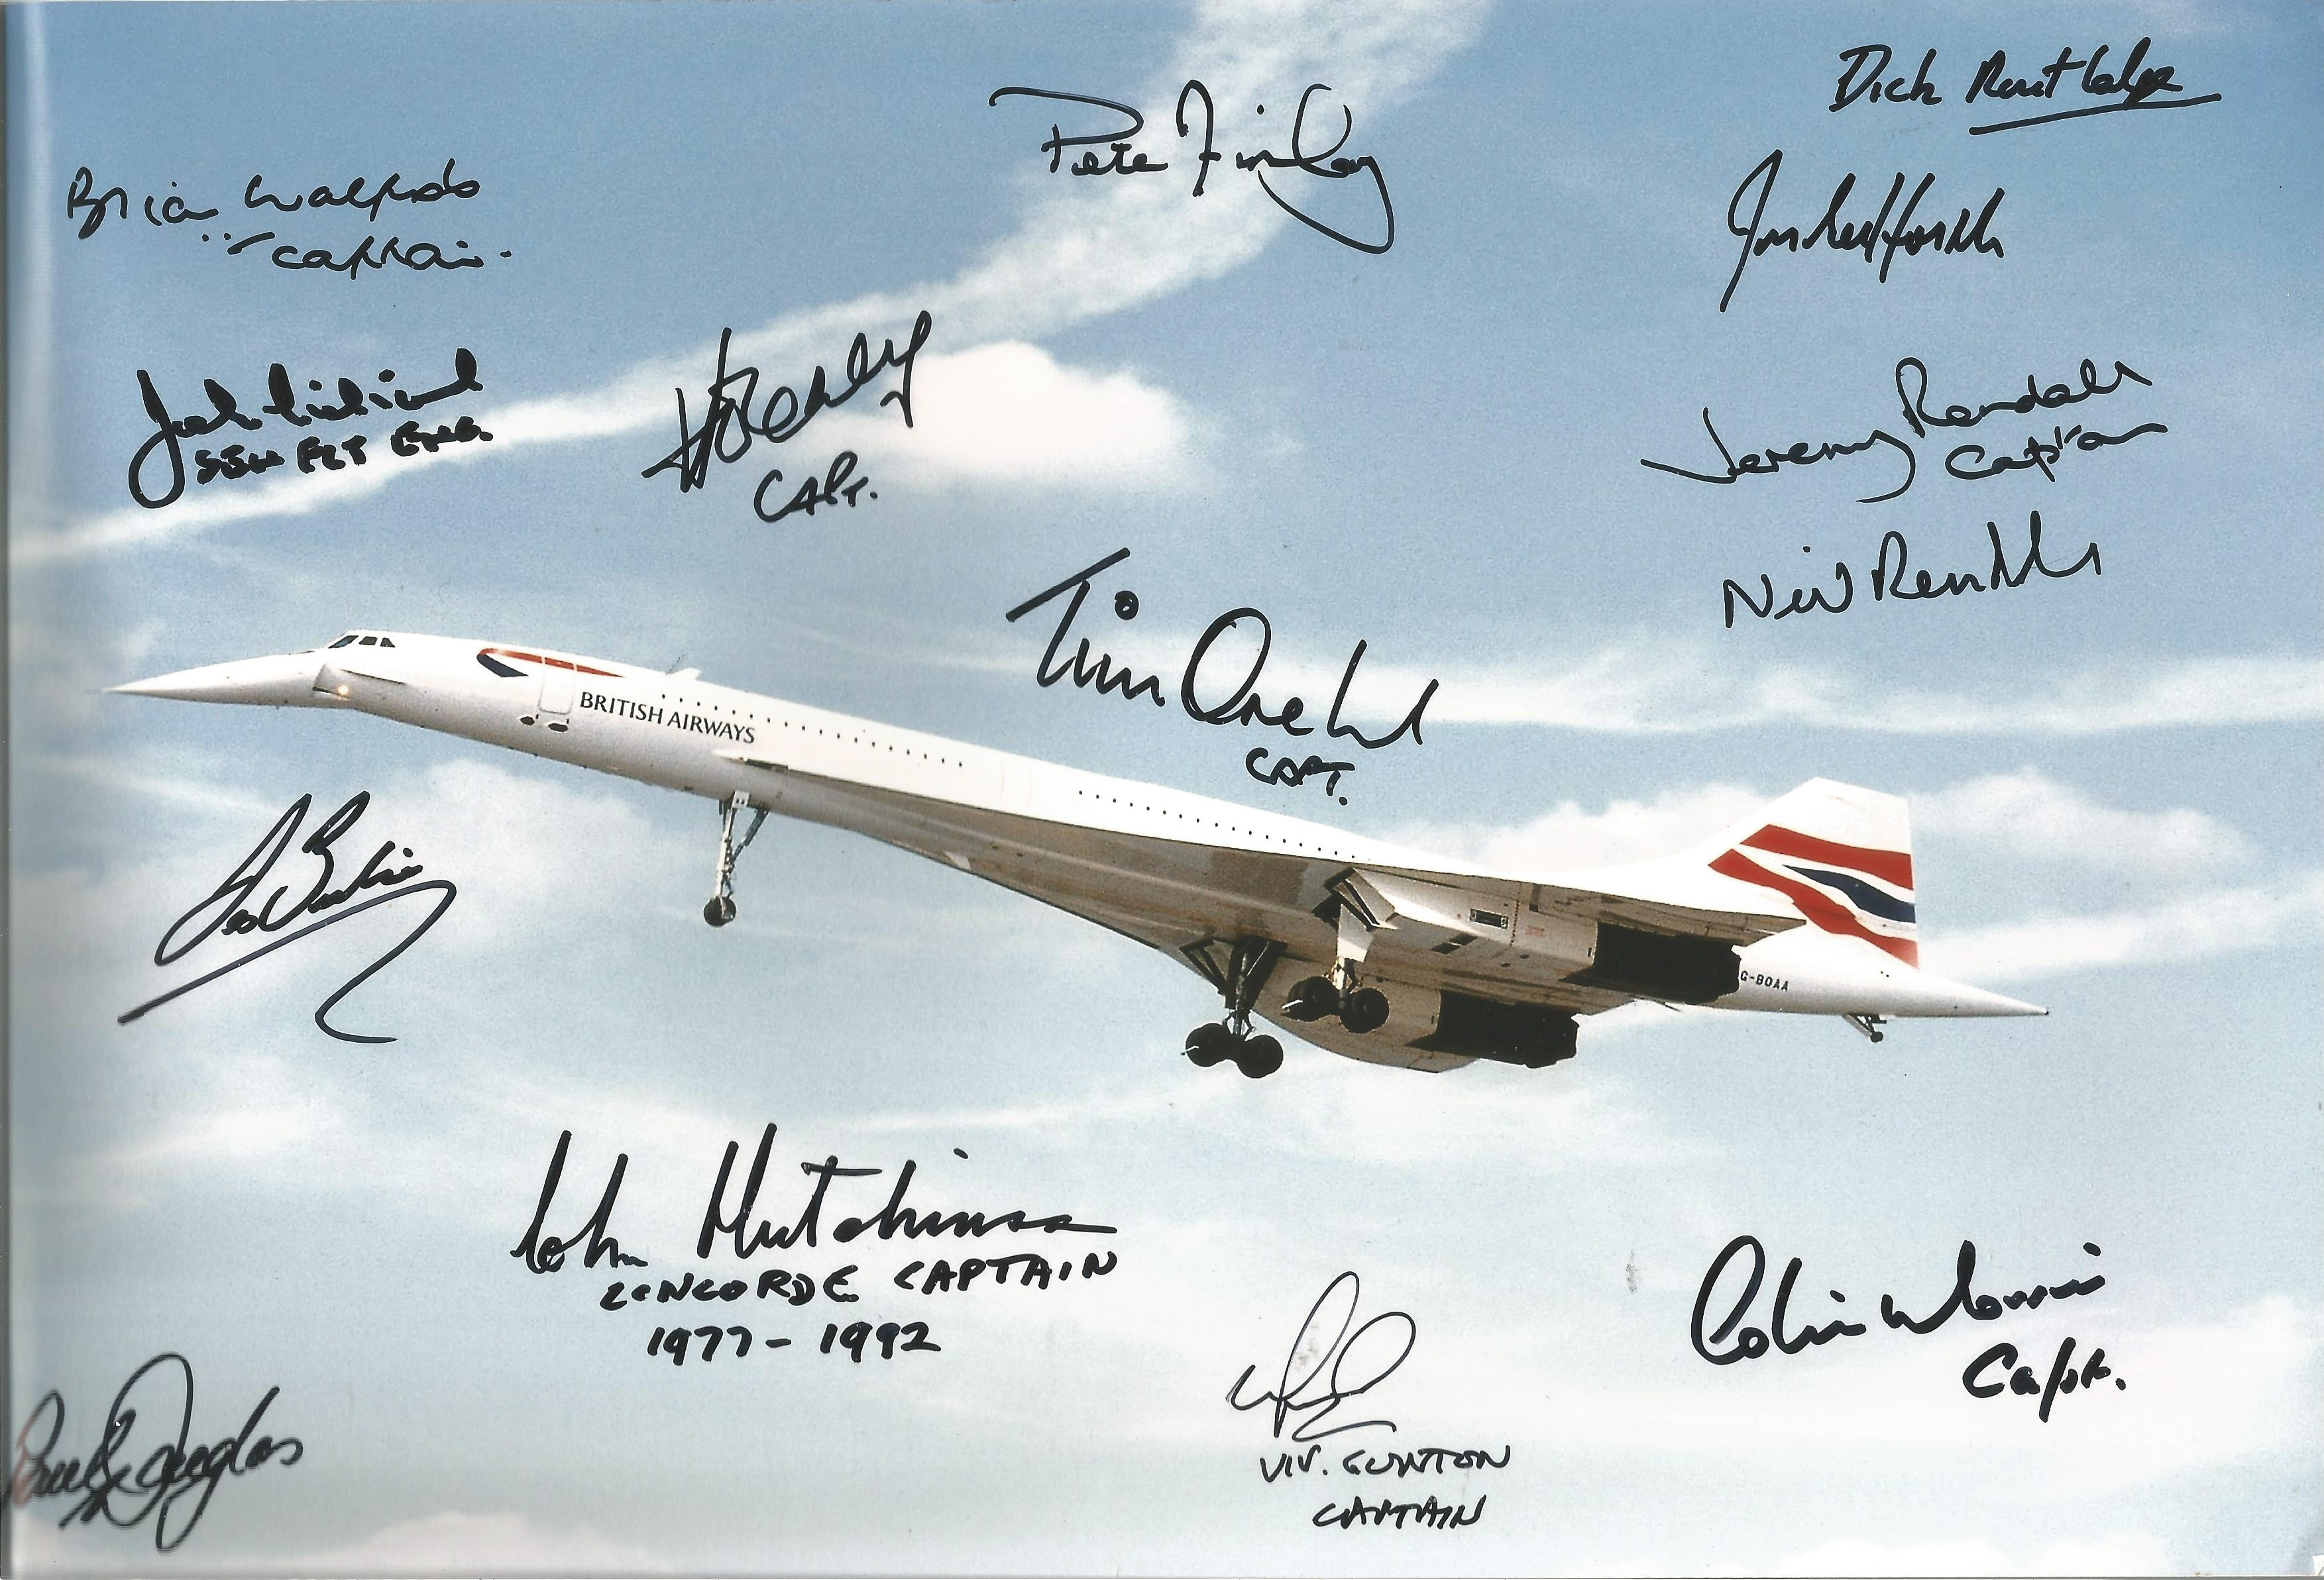 Concorde multi signed 12x8 colour photo signatures includes 13 flight crew signatures such as Cpt